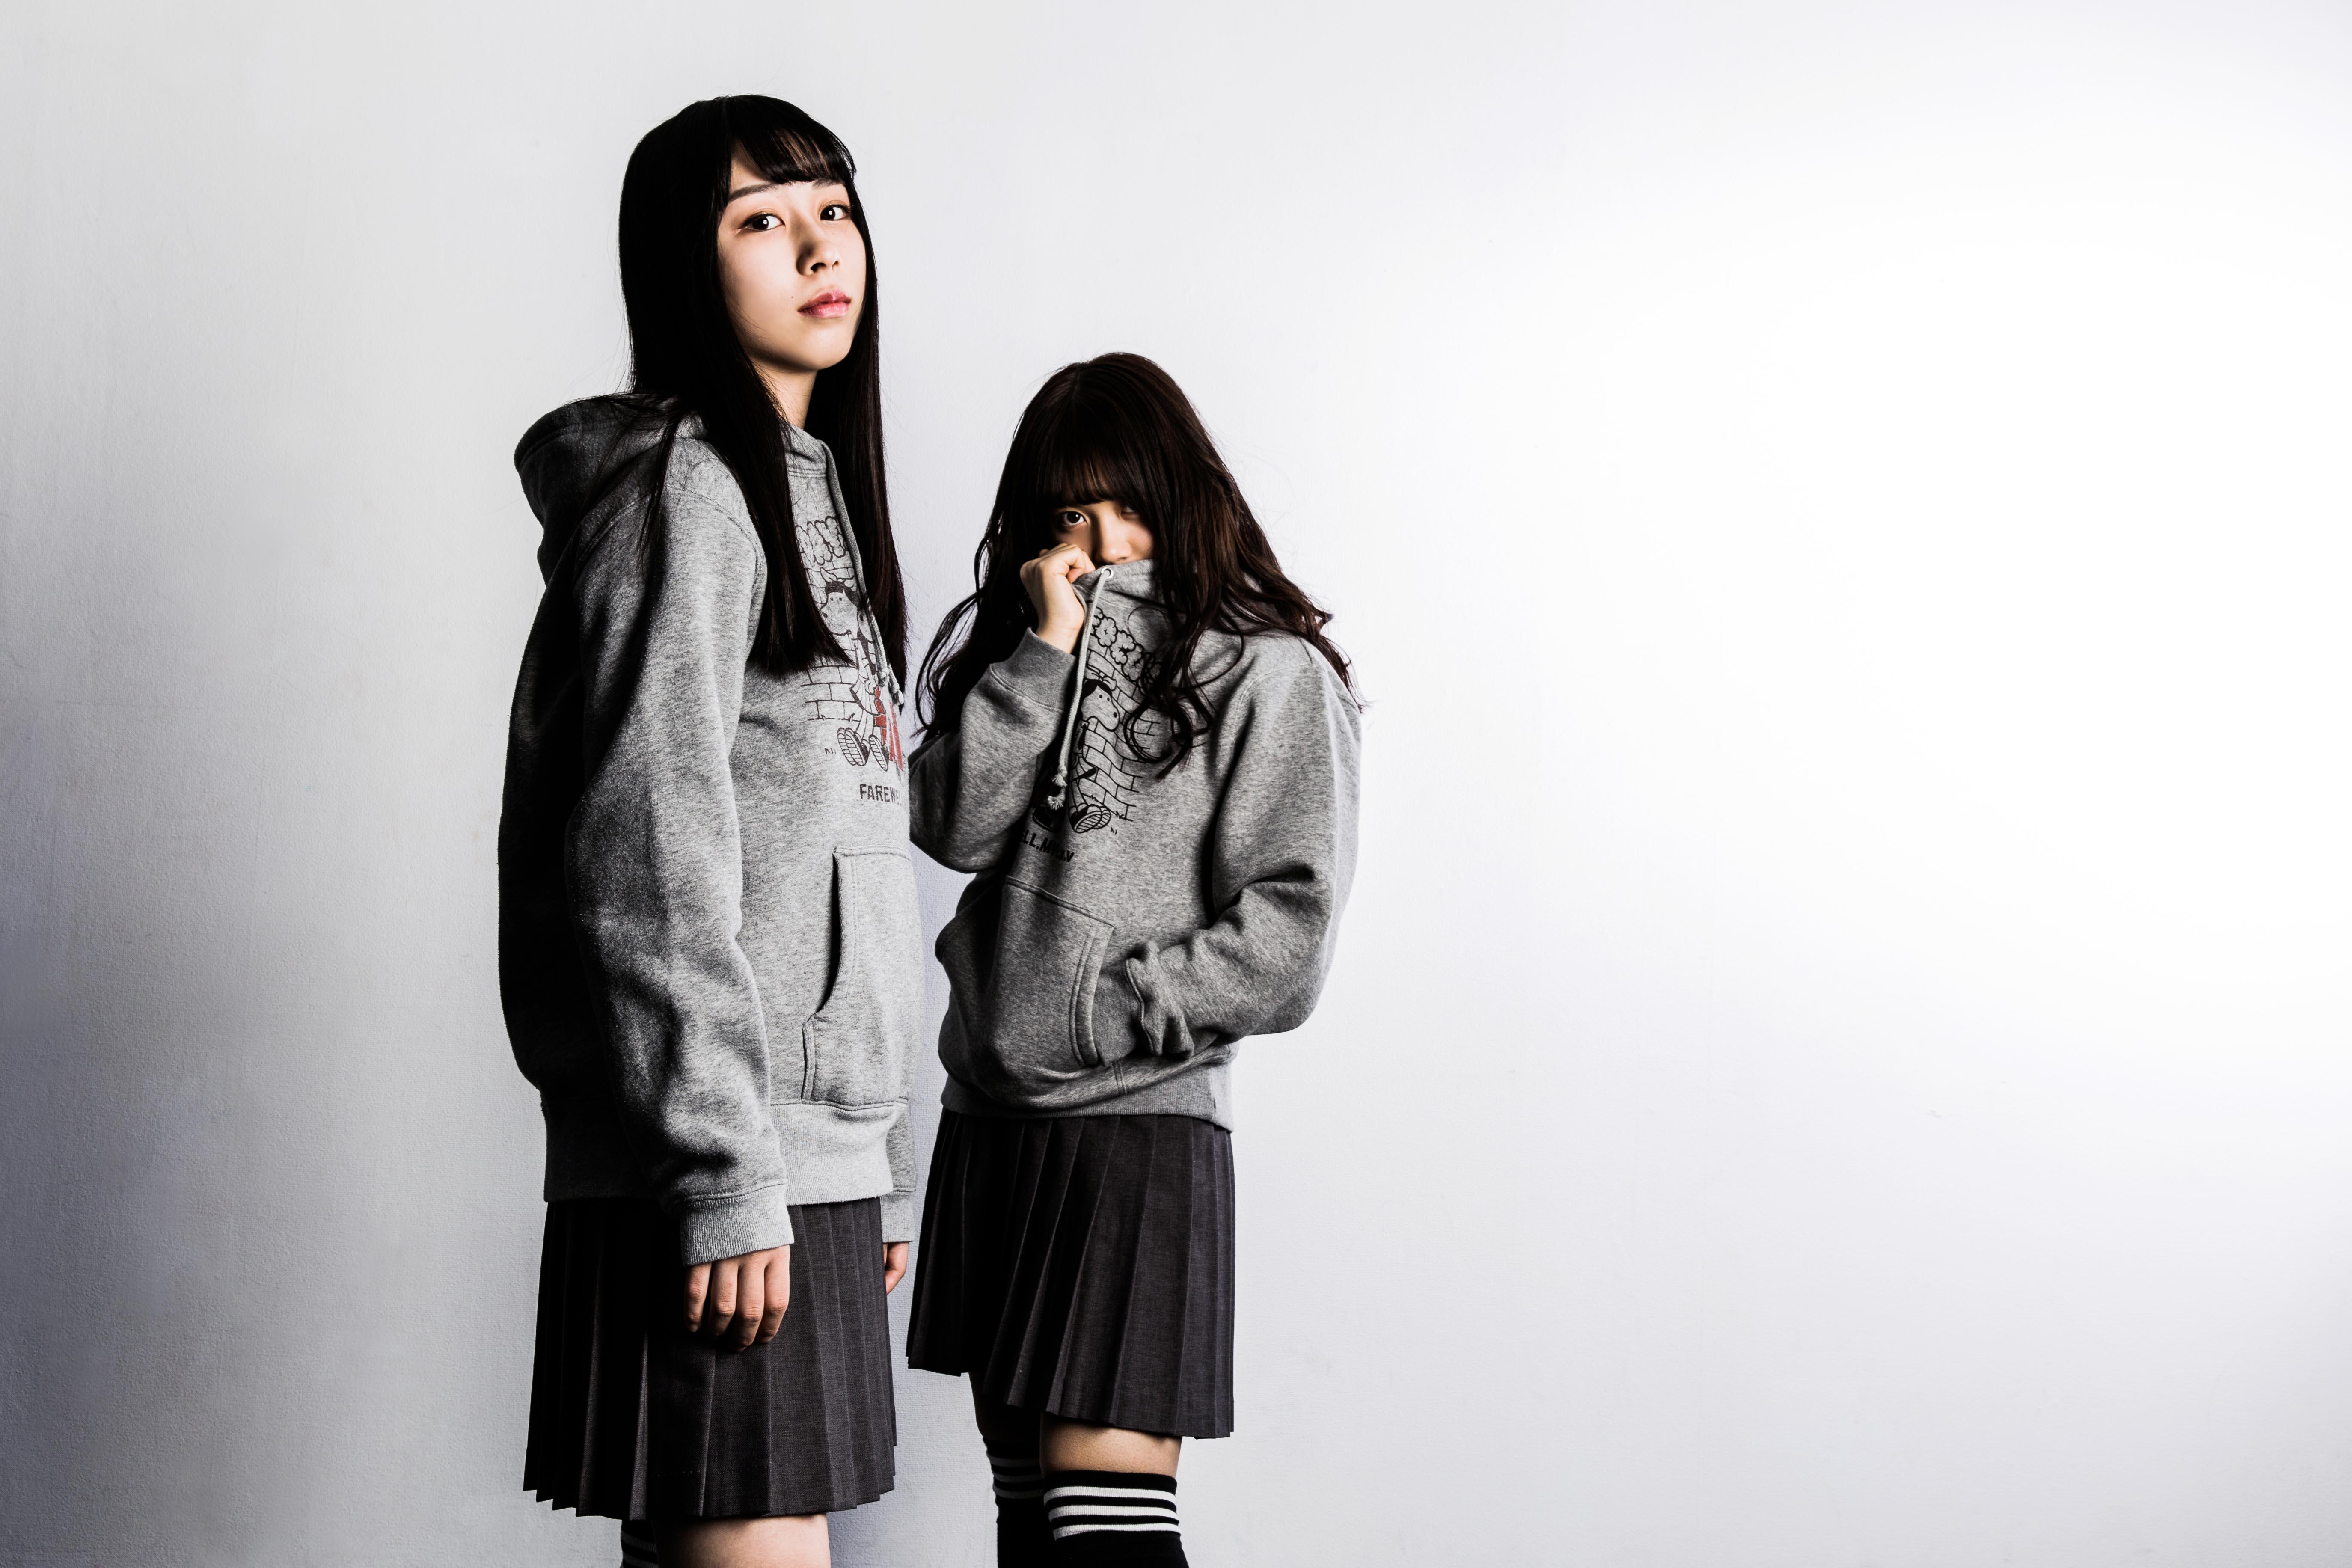 オーディション [名古屋]FAREWELL, MY L.u.v 新メンバー募集 主催:iDOL BUNCH、カテゴリ:アイドル(東京以外)